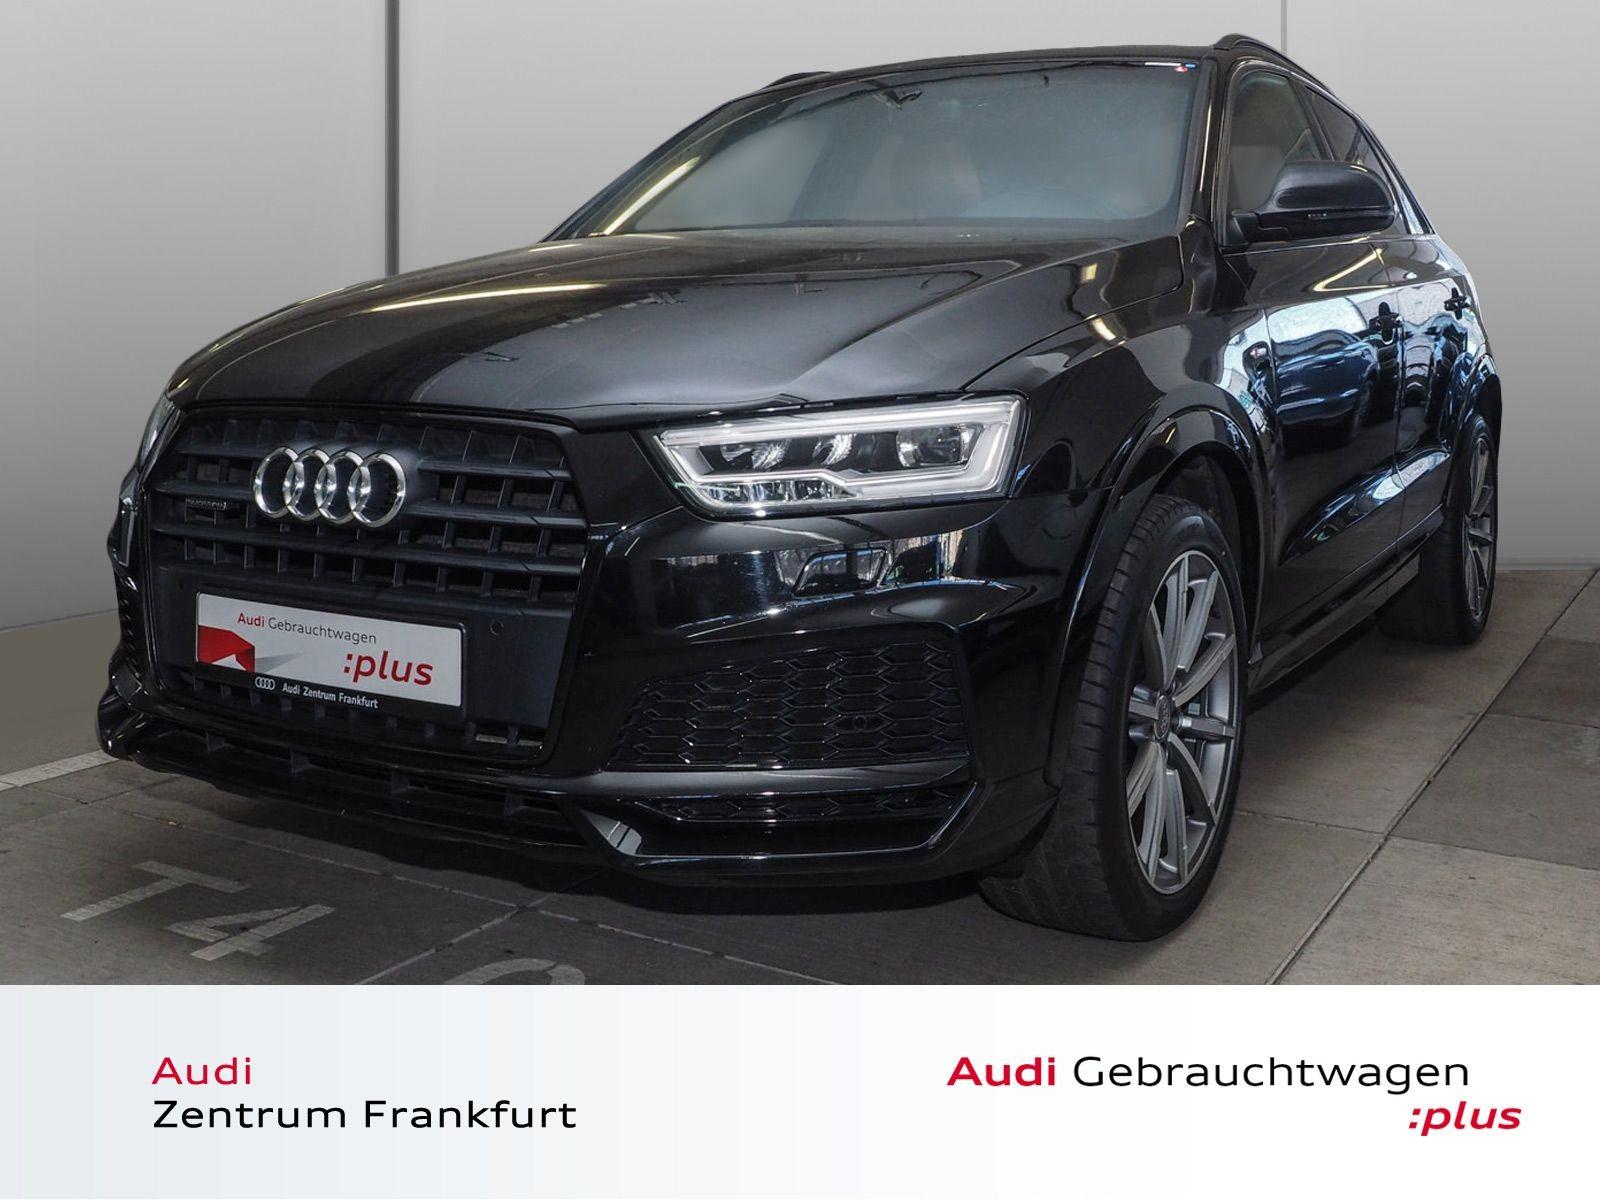 Audi Q3 2.0 TFSI quattro S tronic S line LED Navi Tempomat, Jahr 2017, Benzin